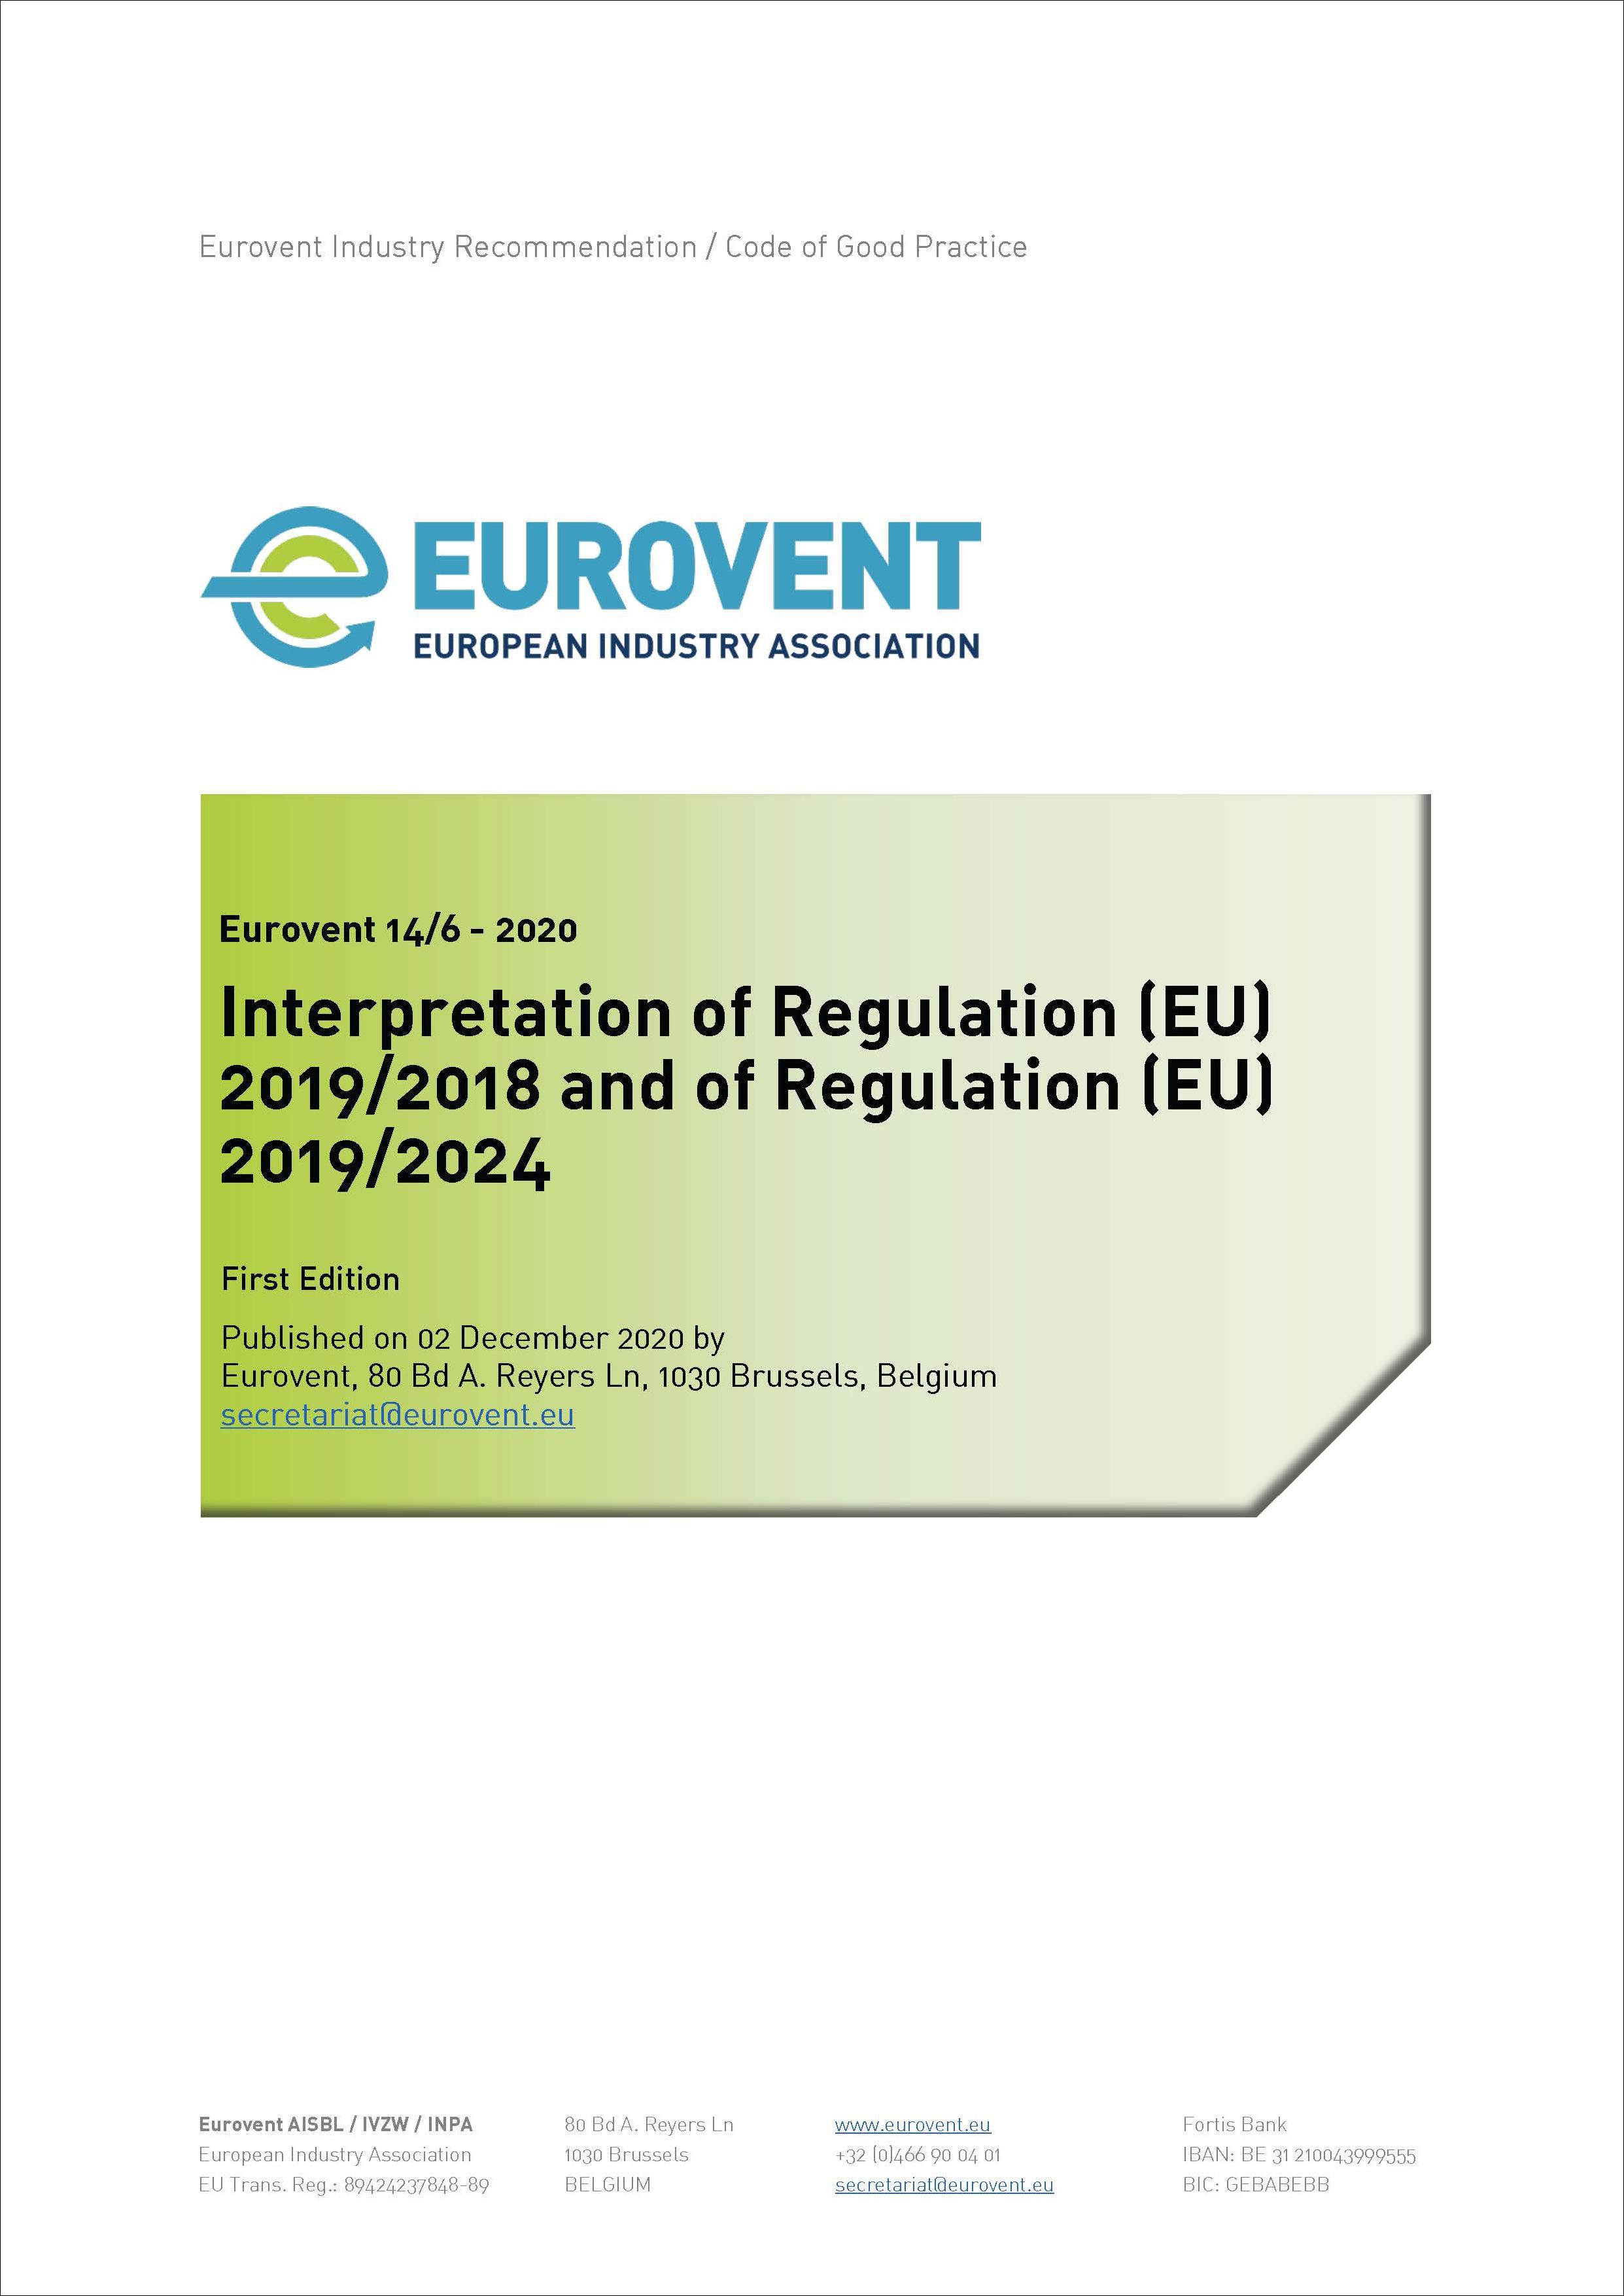 Eurovent 14/6 - 2020: Interpretation of Regulation (EU) 2019/2018 and of Regulation (EU) 2019/2024